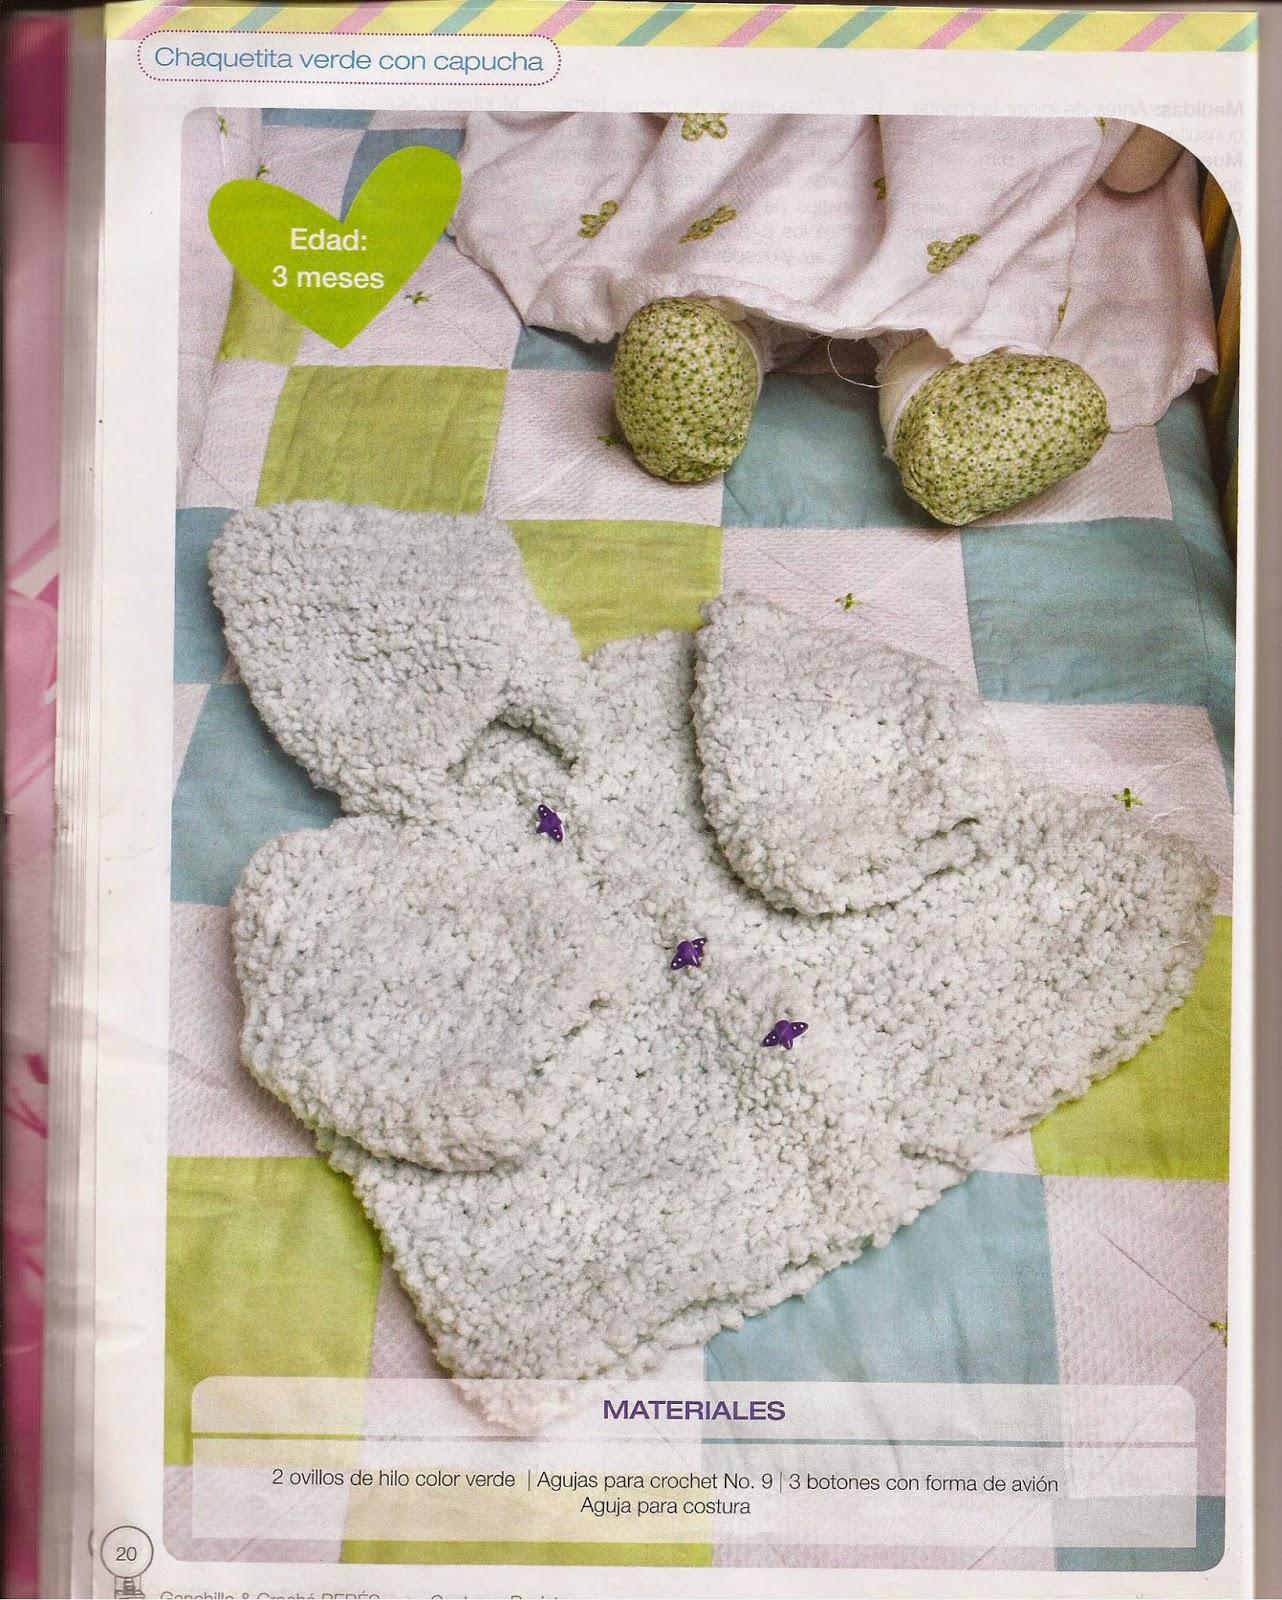 patrones crochet para bebes - Revistas de crochet y tejidos gratis